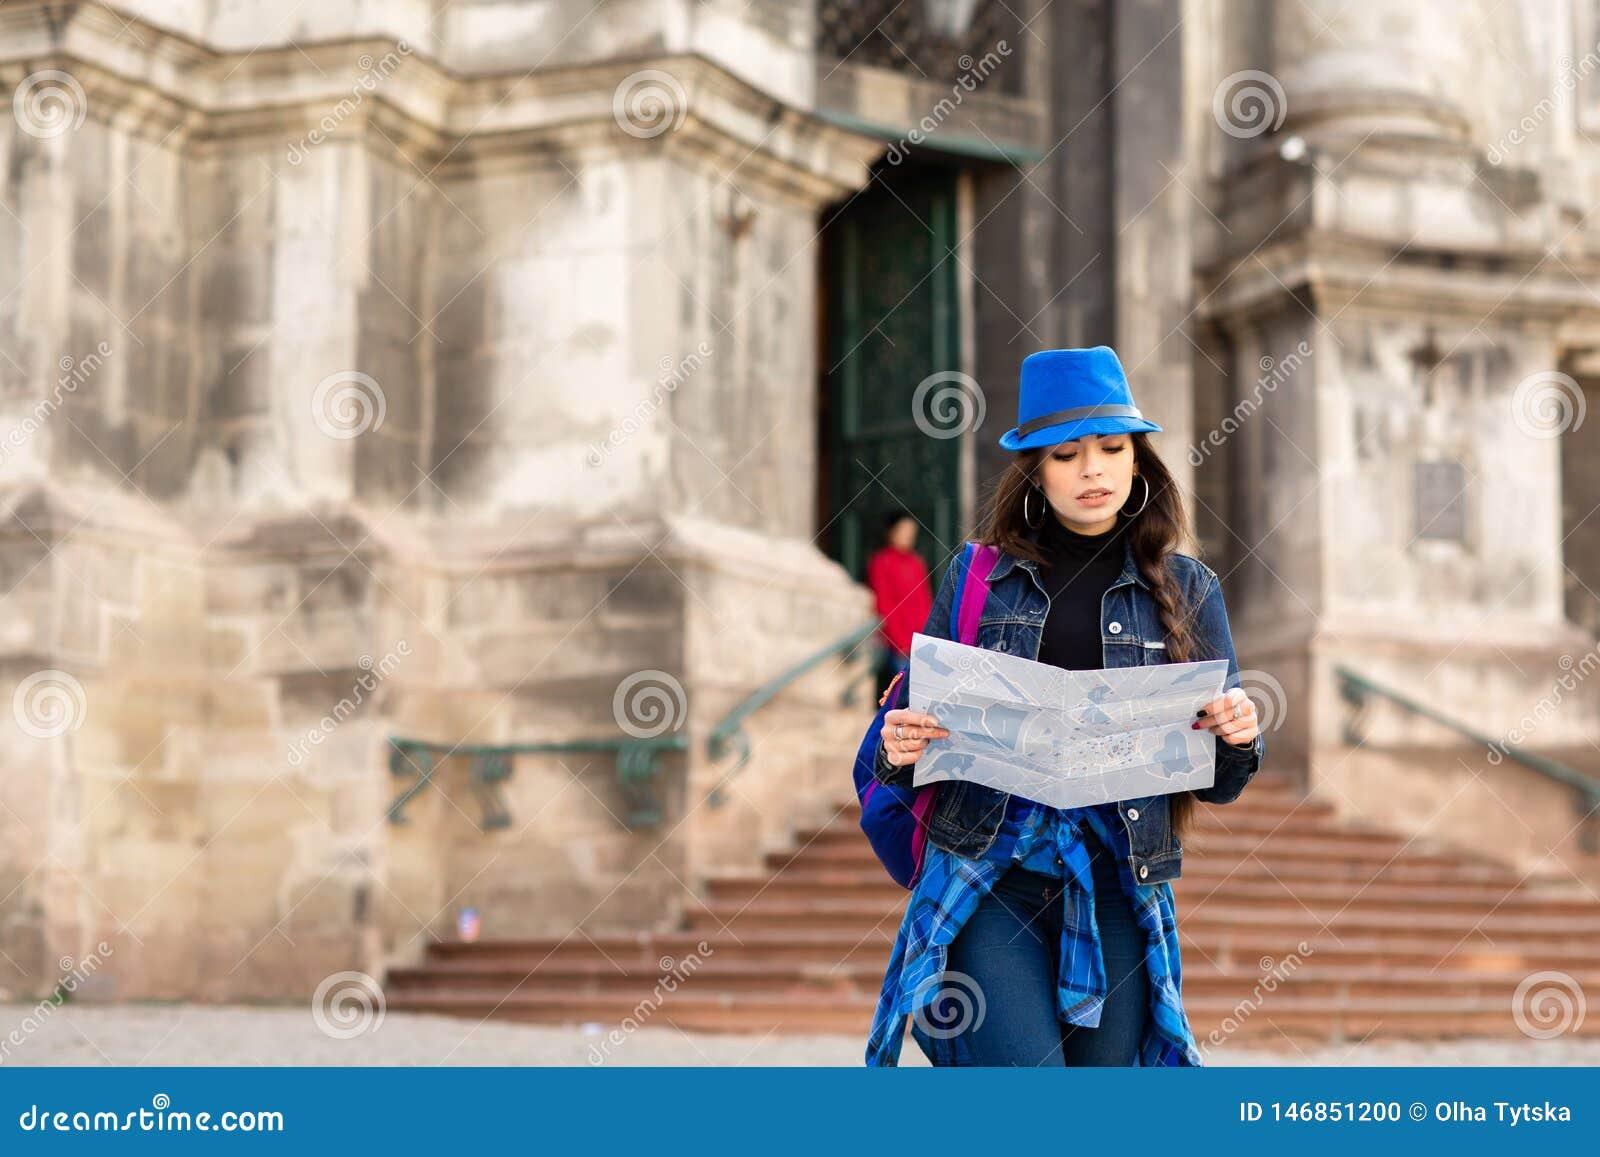 La situaci?n de la mujer joven cerca de la iglesia en la ciudad vieja Lviv, y sostiene un mapa a disposici?n ucrania